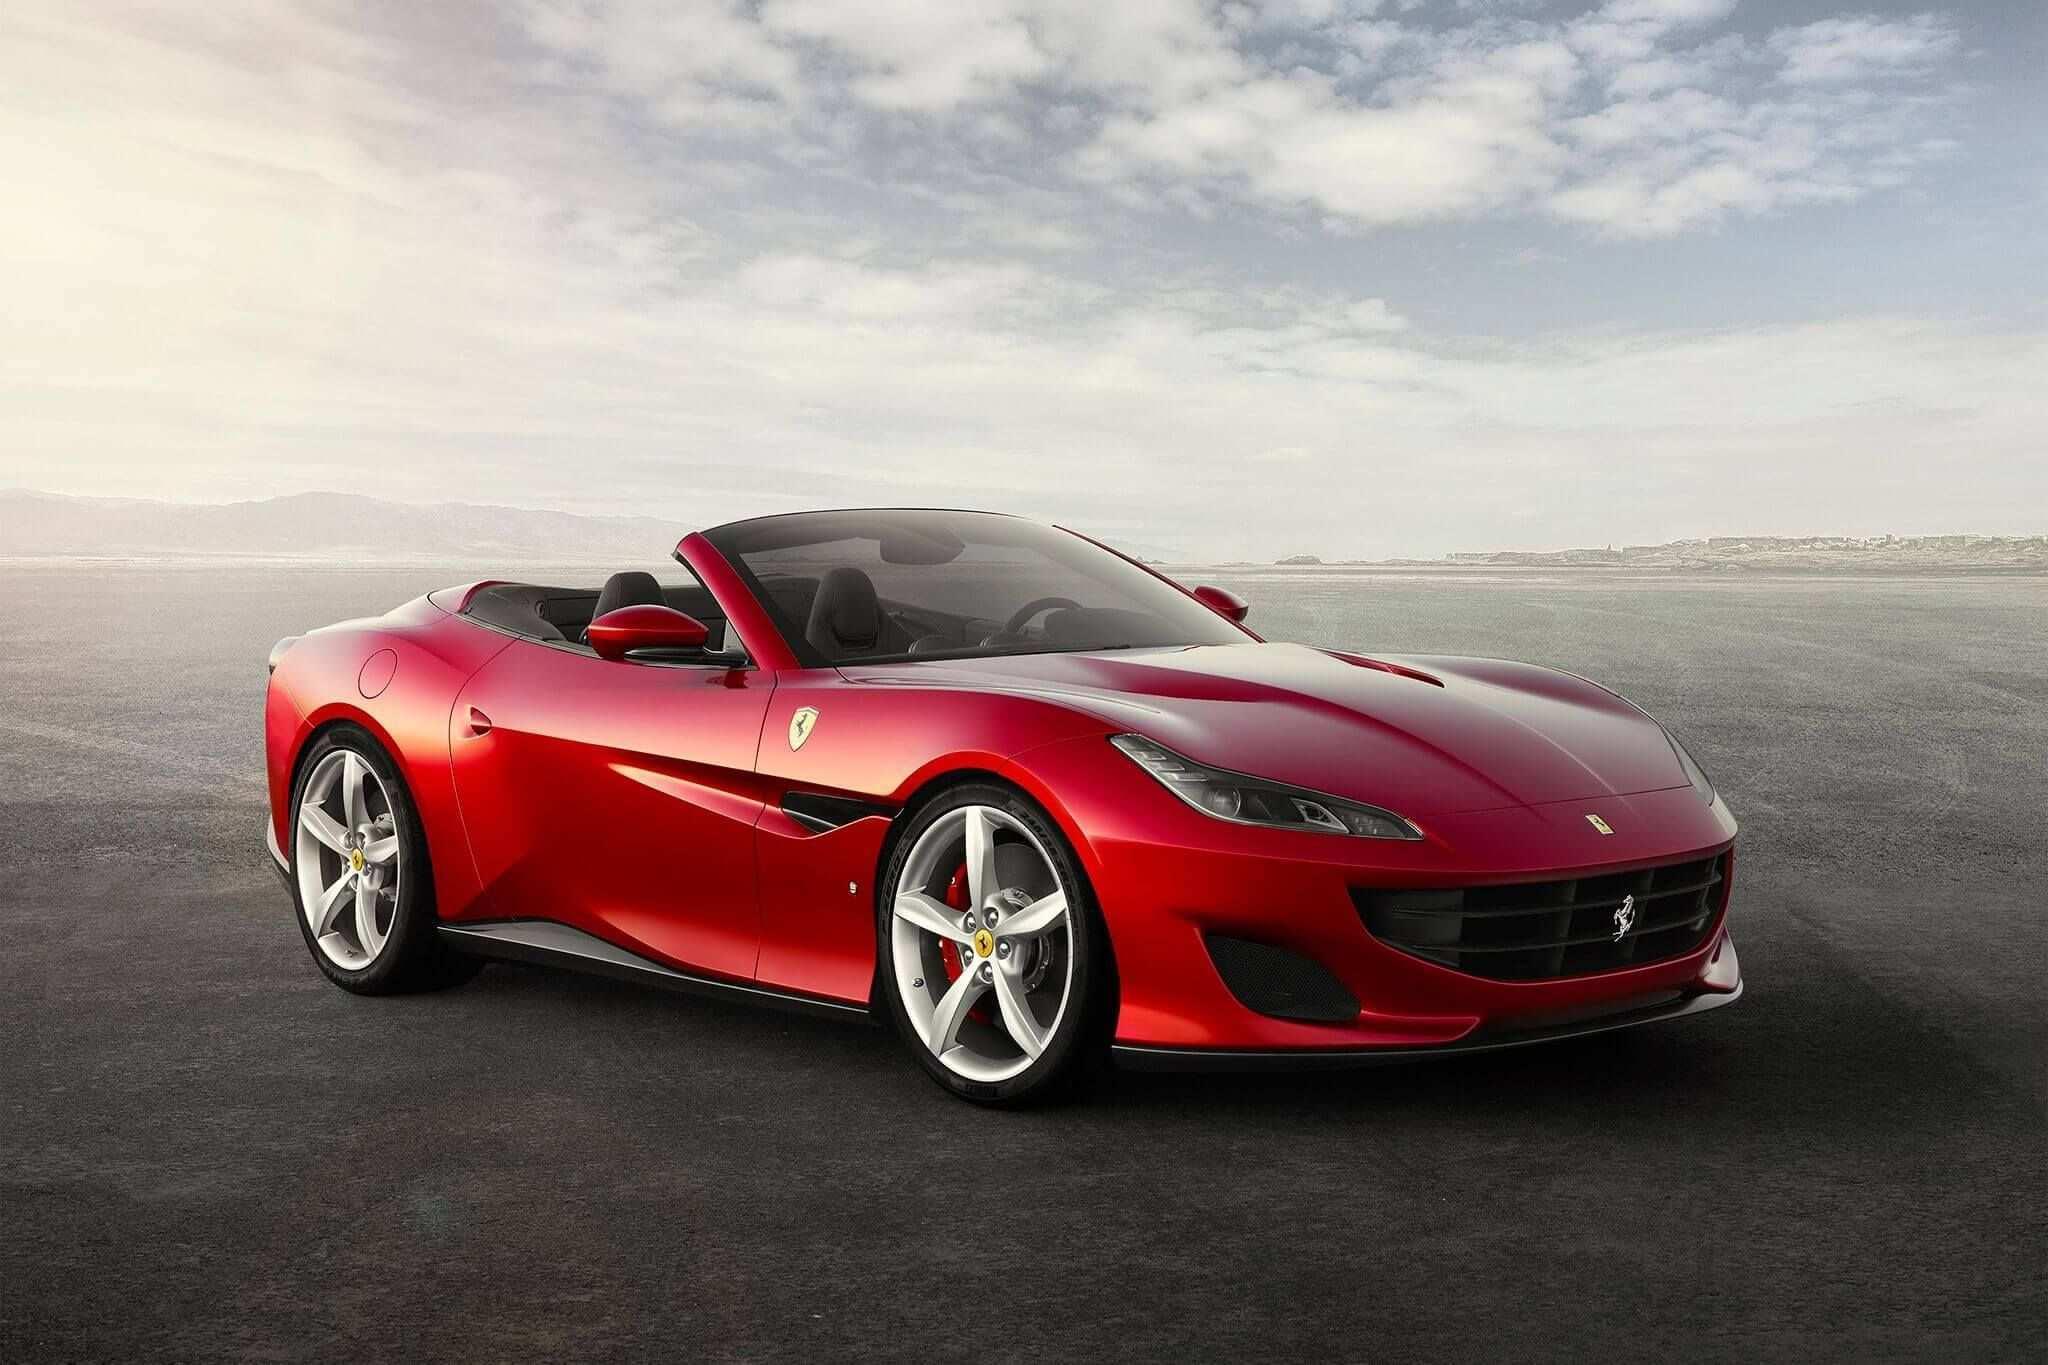 91 Concept of 2020 Ferrari 488 Spider For Sale Release Date with 2020 Ferrari 488 Spider For Sale